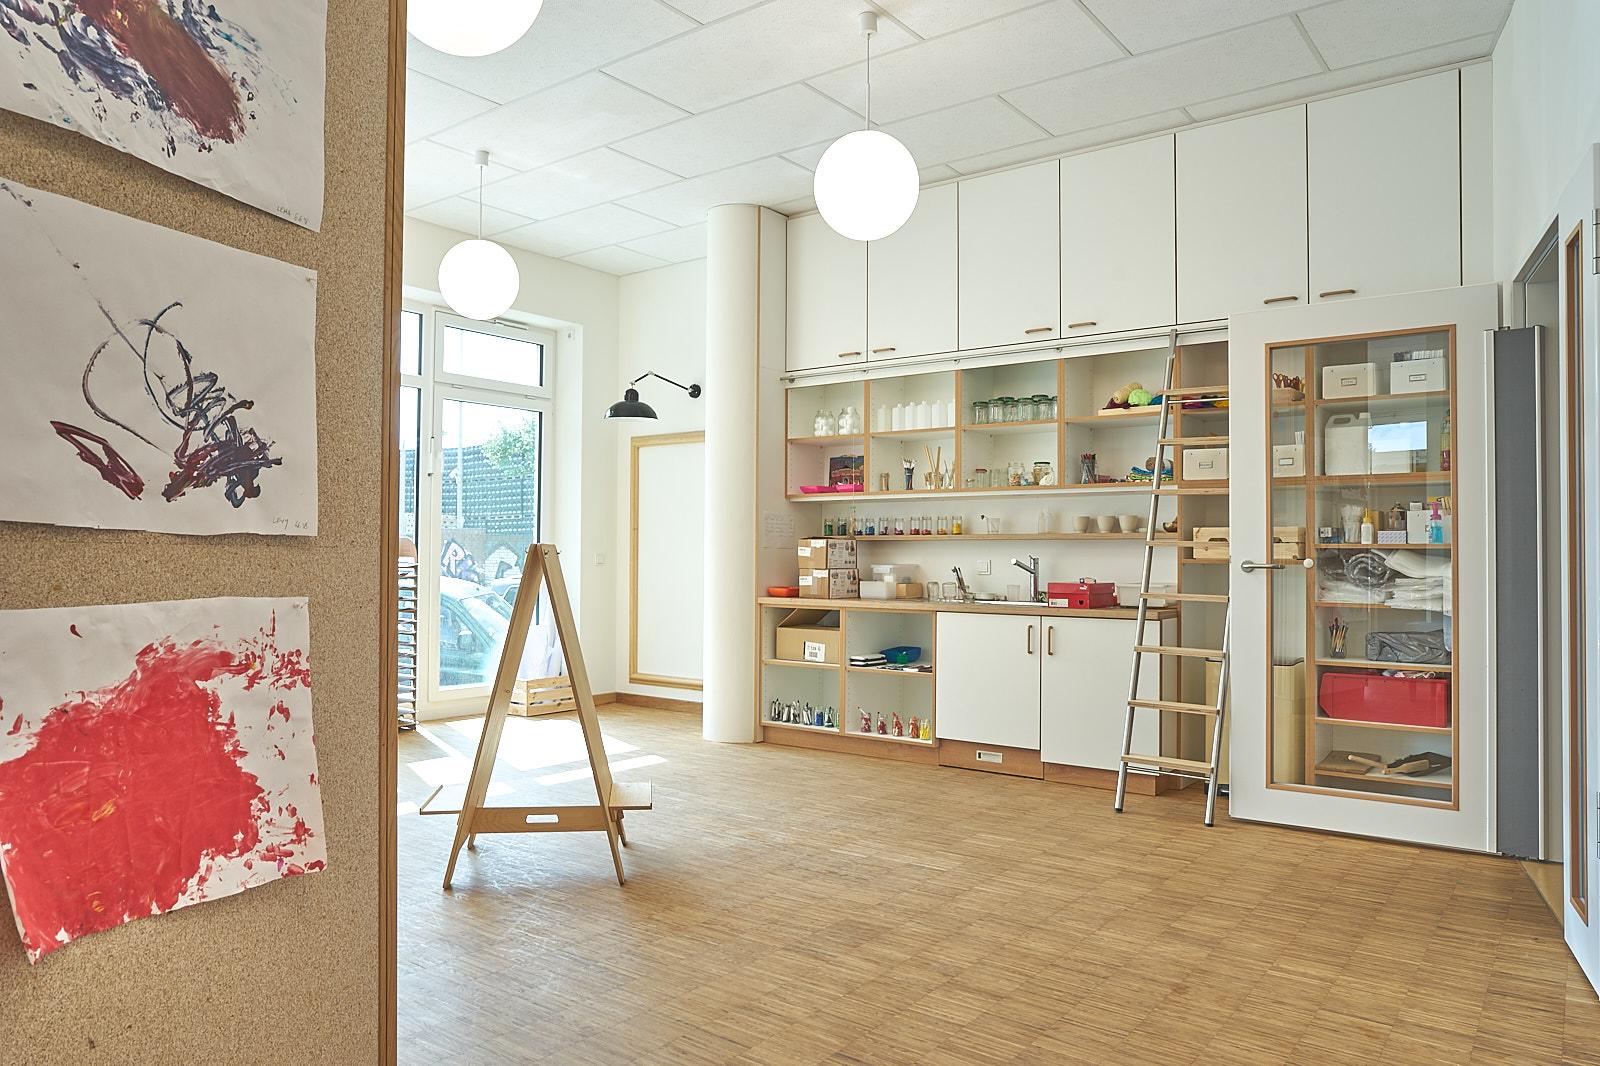 Hamburg, Neue Mitte Altona, Moete, Kita Sandvika, Atelier, Lernwerkstatt, Kita, Kindergarten, Kindertagesstätte, Krippe 05.jpg